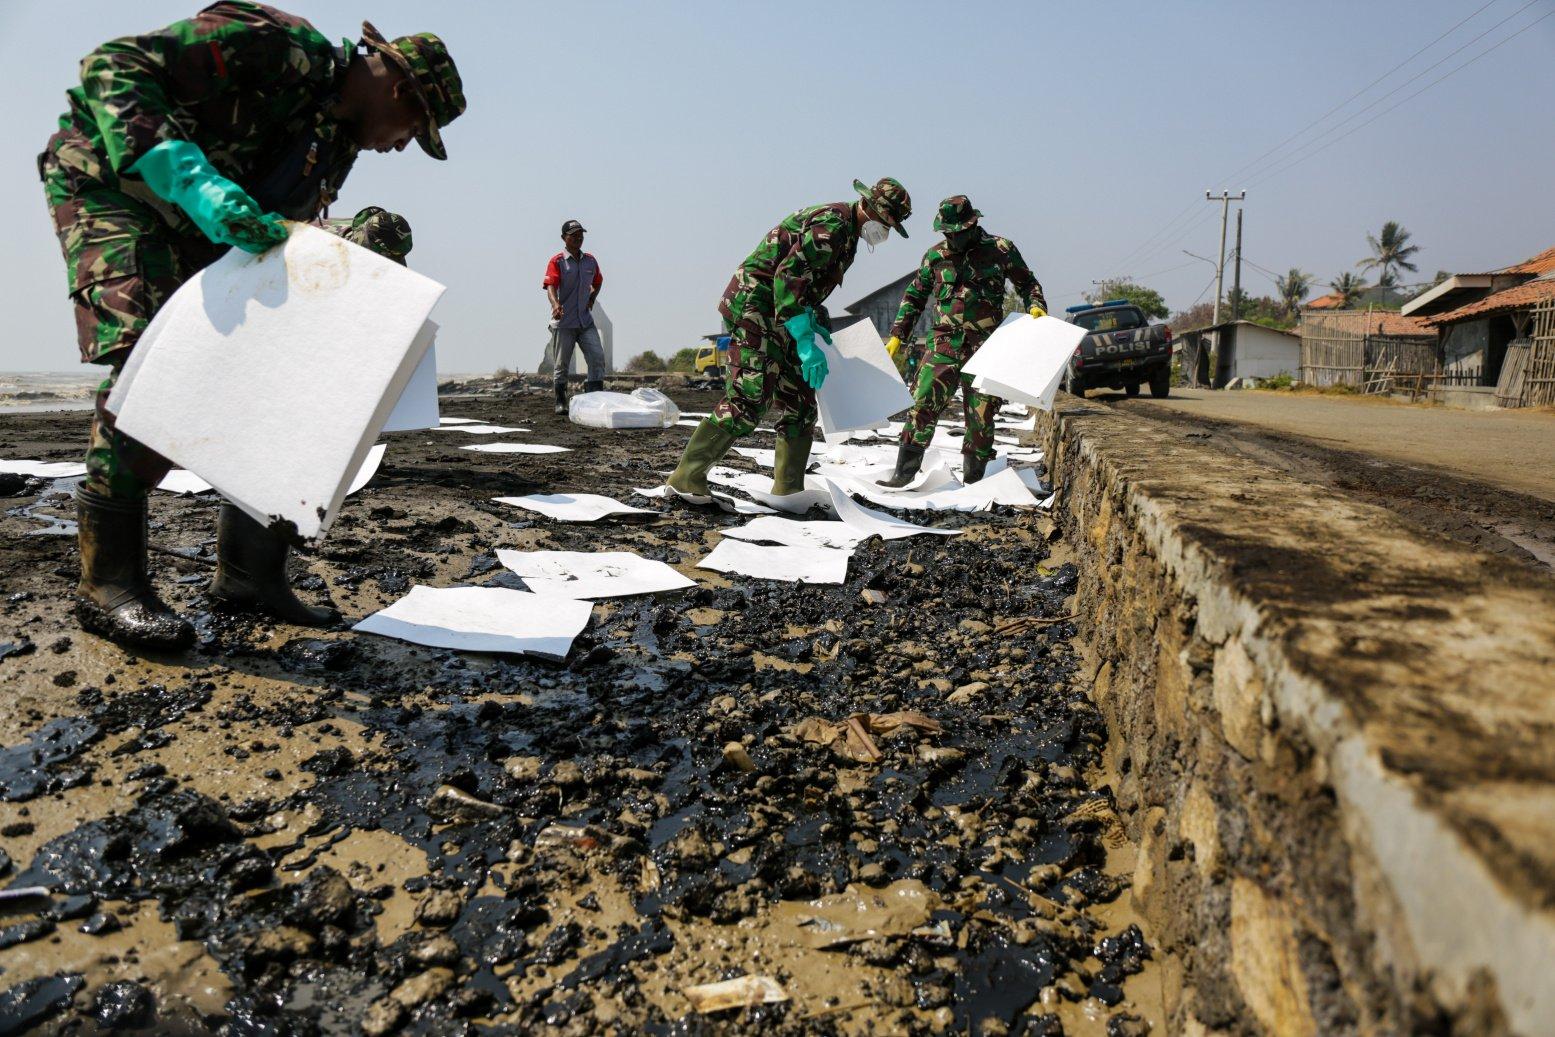 Warga dan tentara mengumpulkan tumpahan minyak milik Pertamina yang terserak di Pesisir Pantai Cemarajaya, Karawang, Jawa Barat, Jumat (24/7/2019).